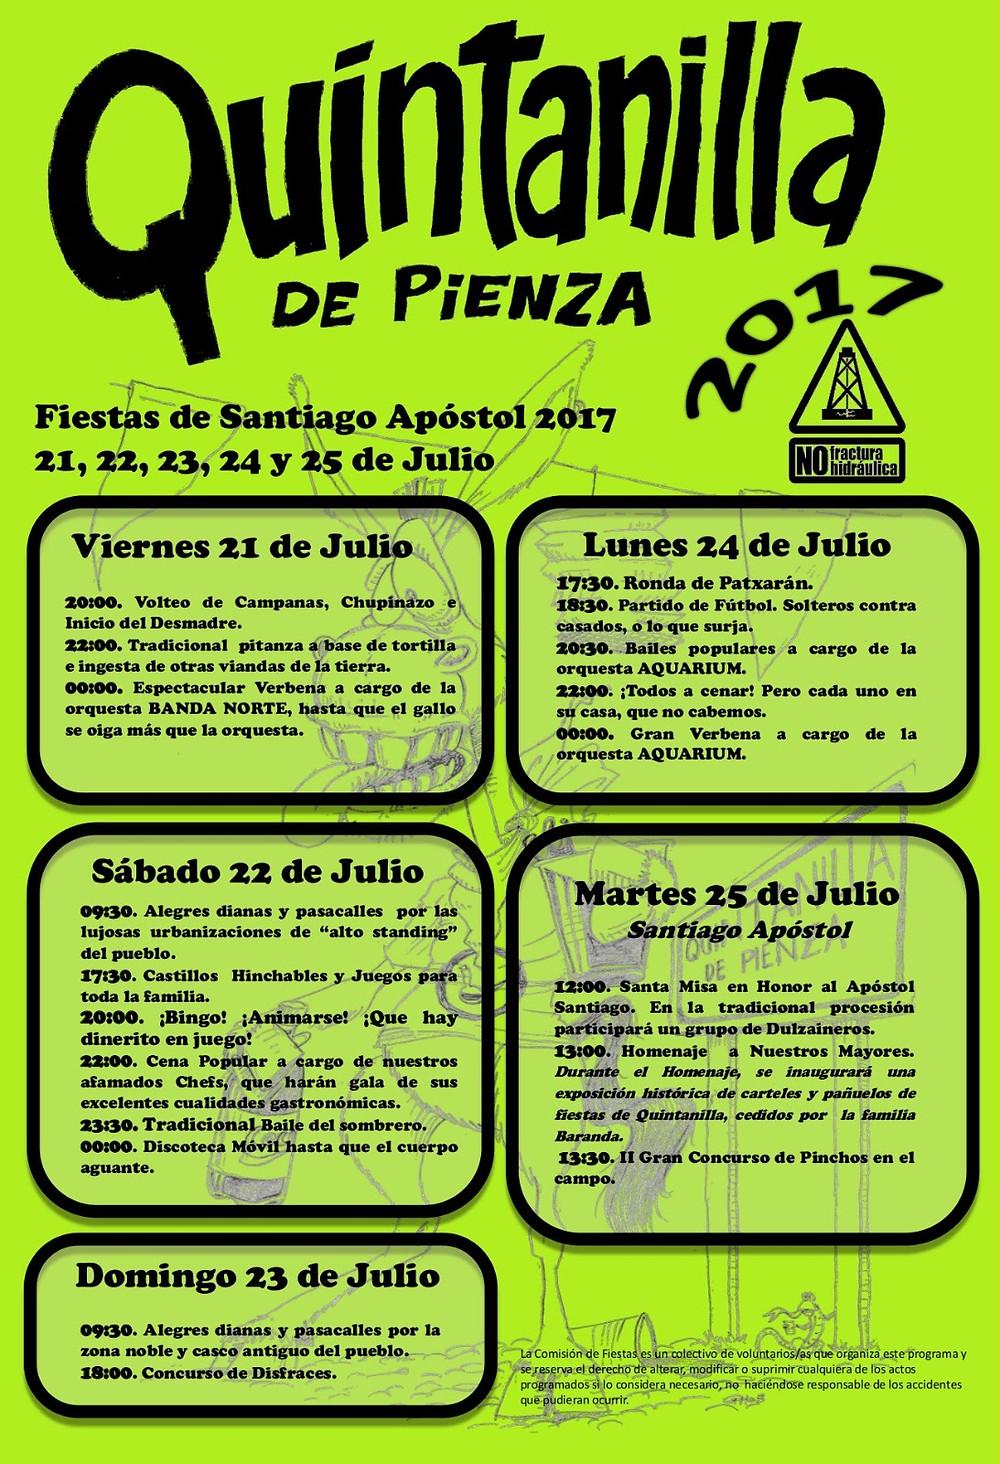 Cartel de fiestas de Quintanilla de Pienza 2017